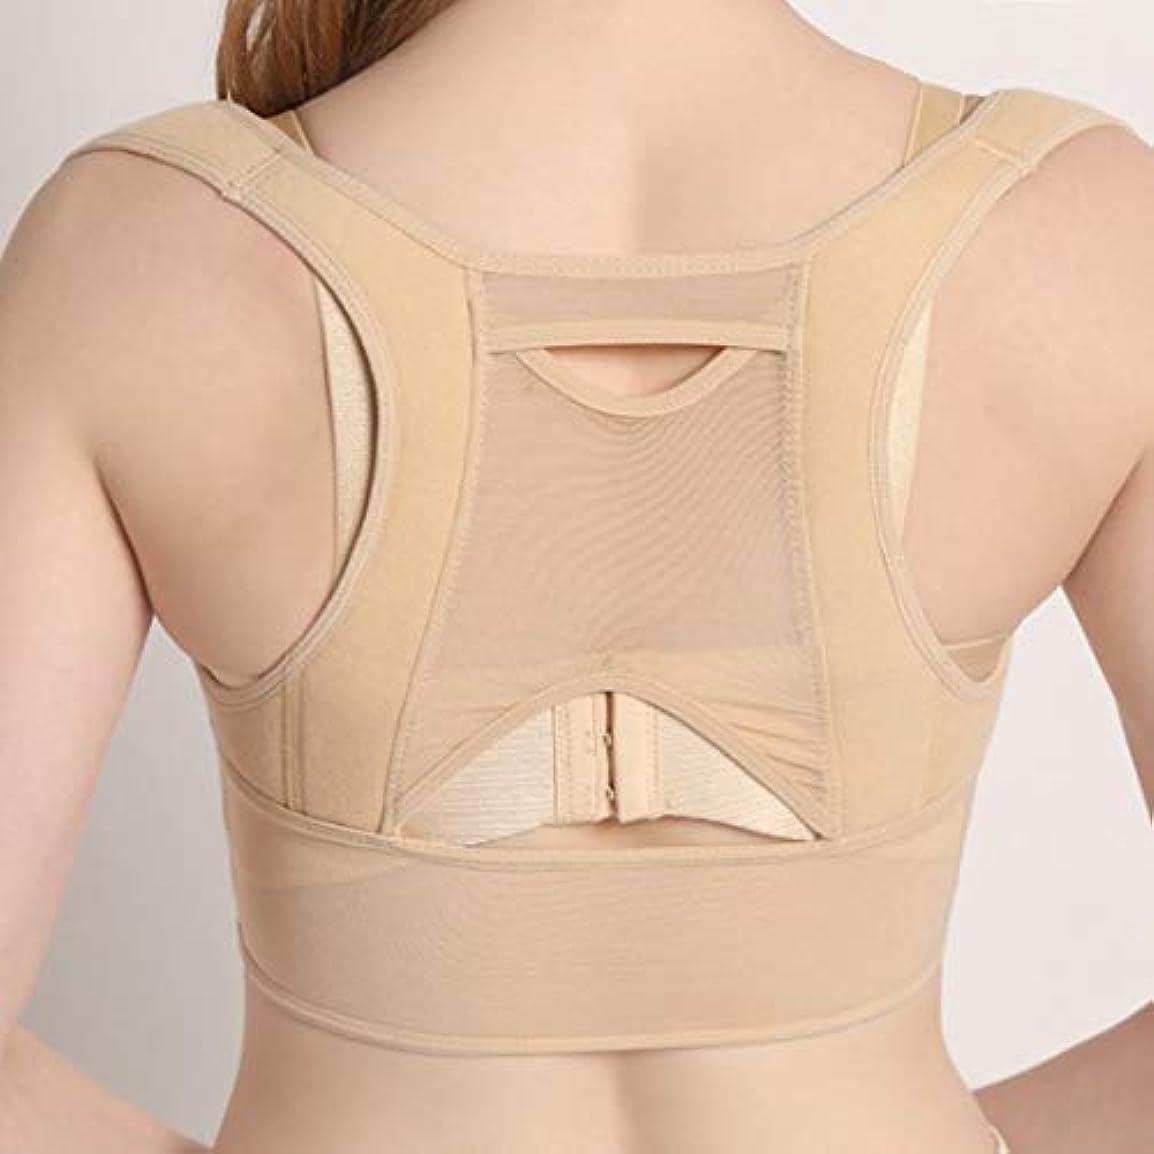 見ました棚悪化させる通気性のある女性の背中の姿勢矯正コルセット整形外科の肩の背骨の背骨の姿勢矯正腰椎サポート (Rustle666)